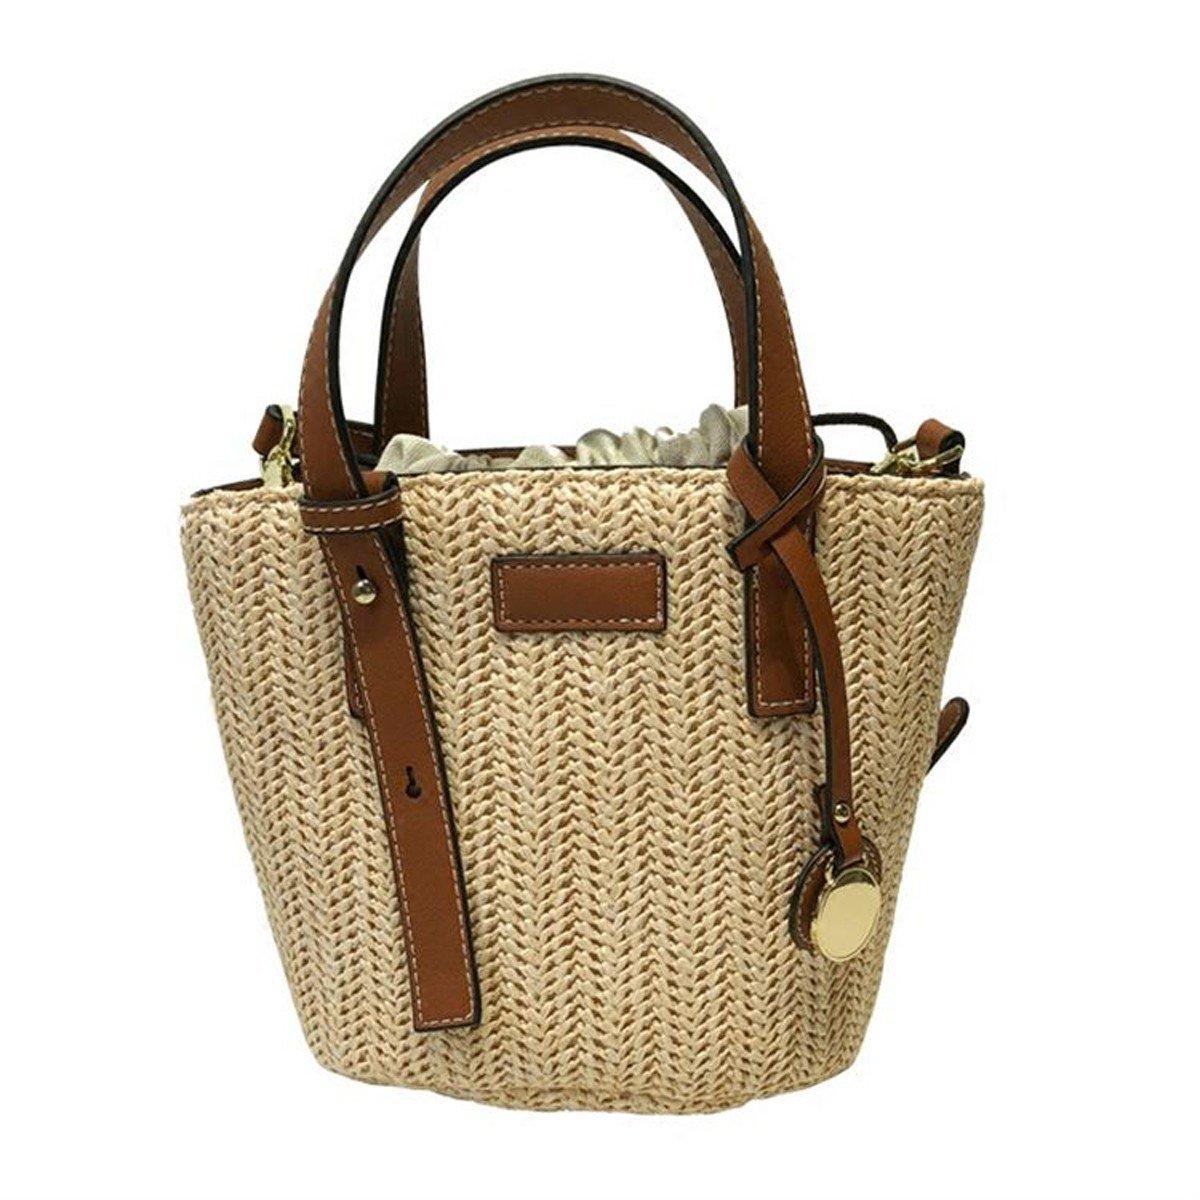 WFYJY-Stroh aus Tasche Schrägen aus Tasche Eimer Tasche badetasche Modische Handtaschen.